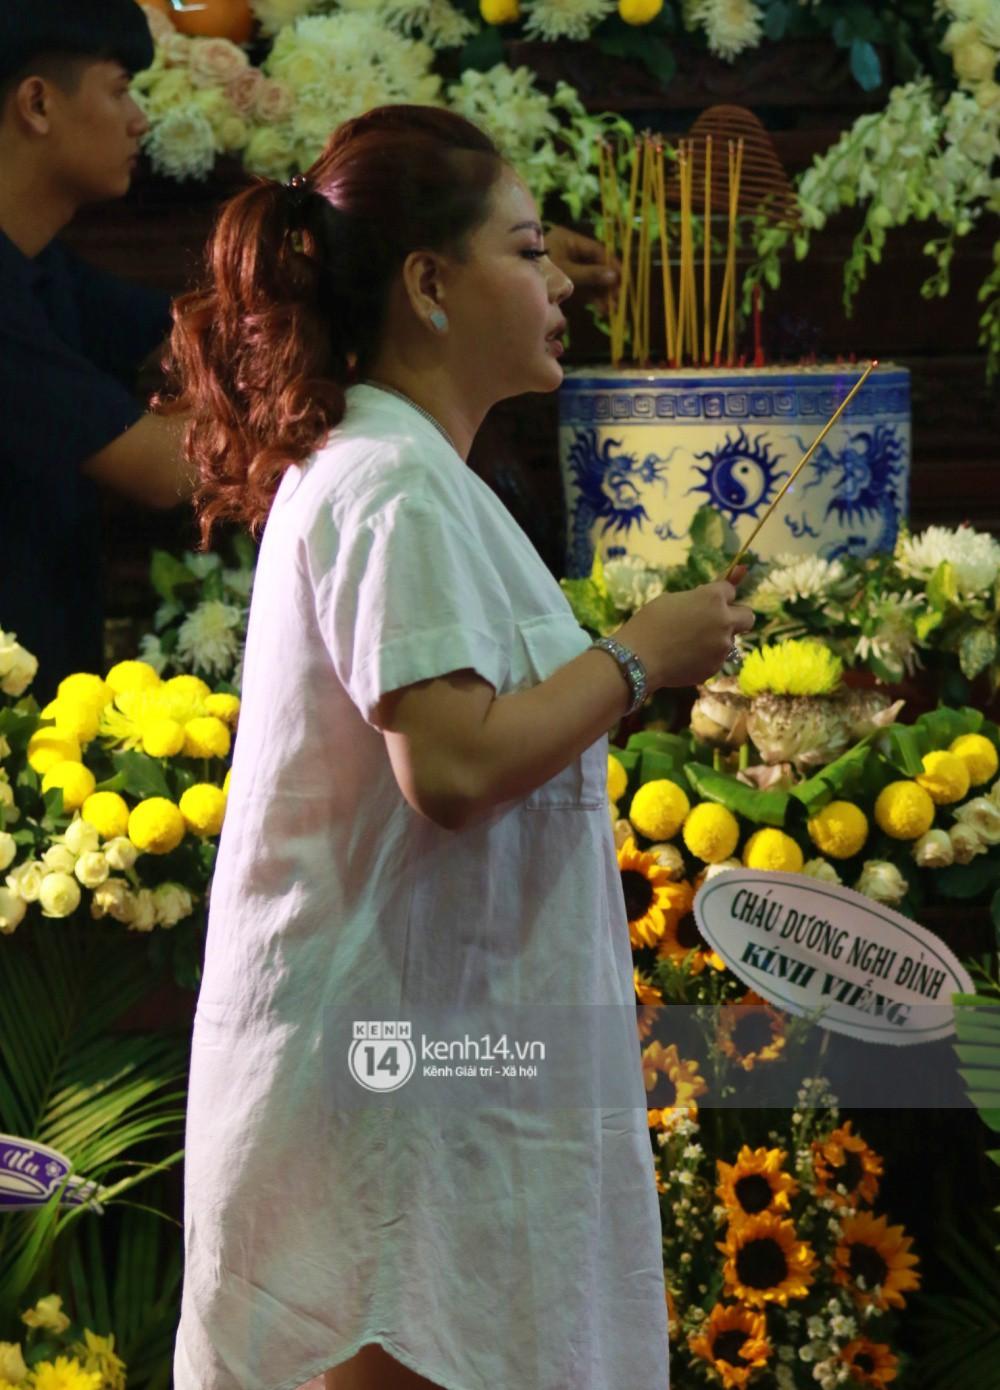 Đêm cuối cùng đám tang cố diễn viên Anh Vũ: Nghệ sĩ lặng người, không giấu được xúc động trước linh cữu-17